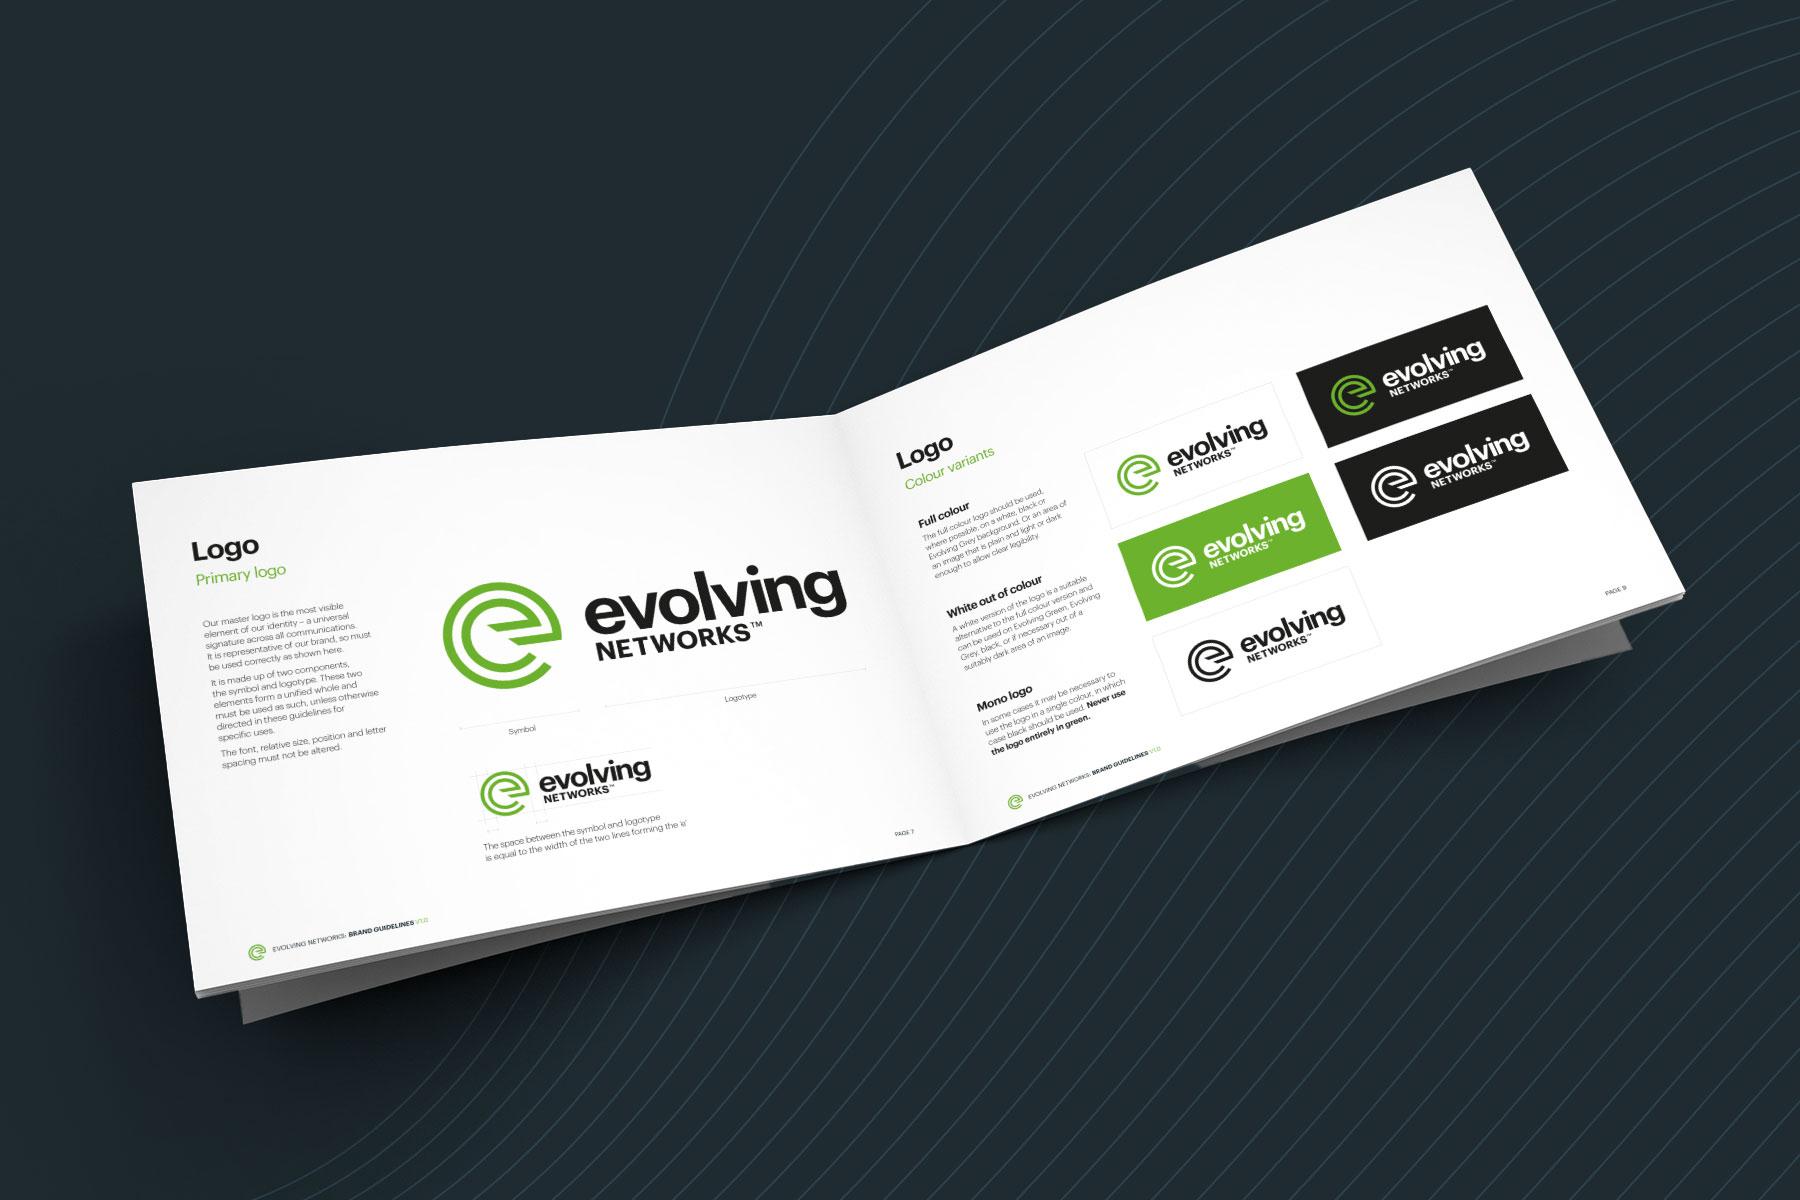 Evolving Networks Branding - Brand Guidelines